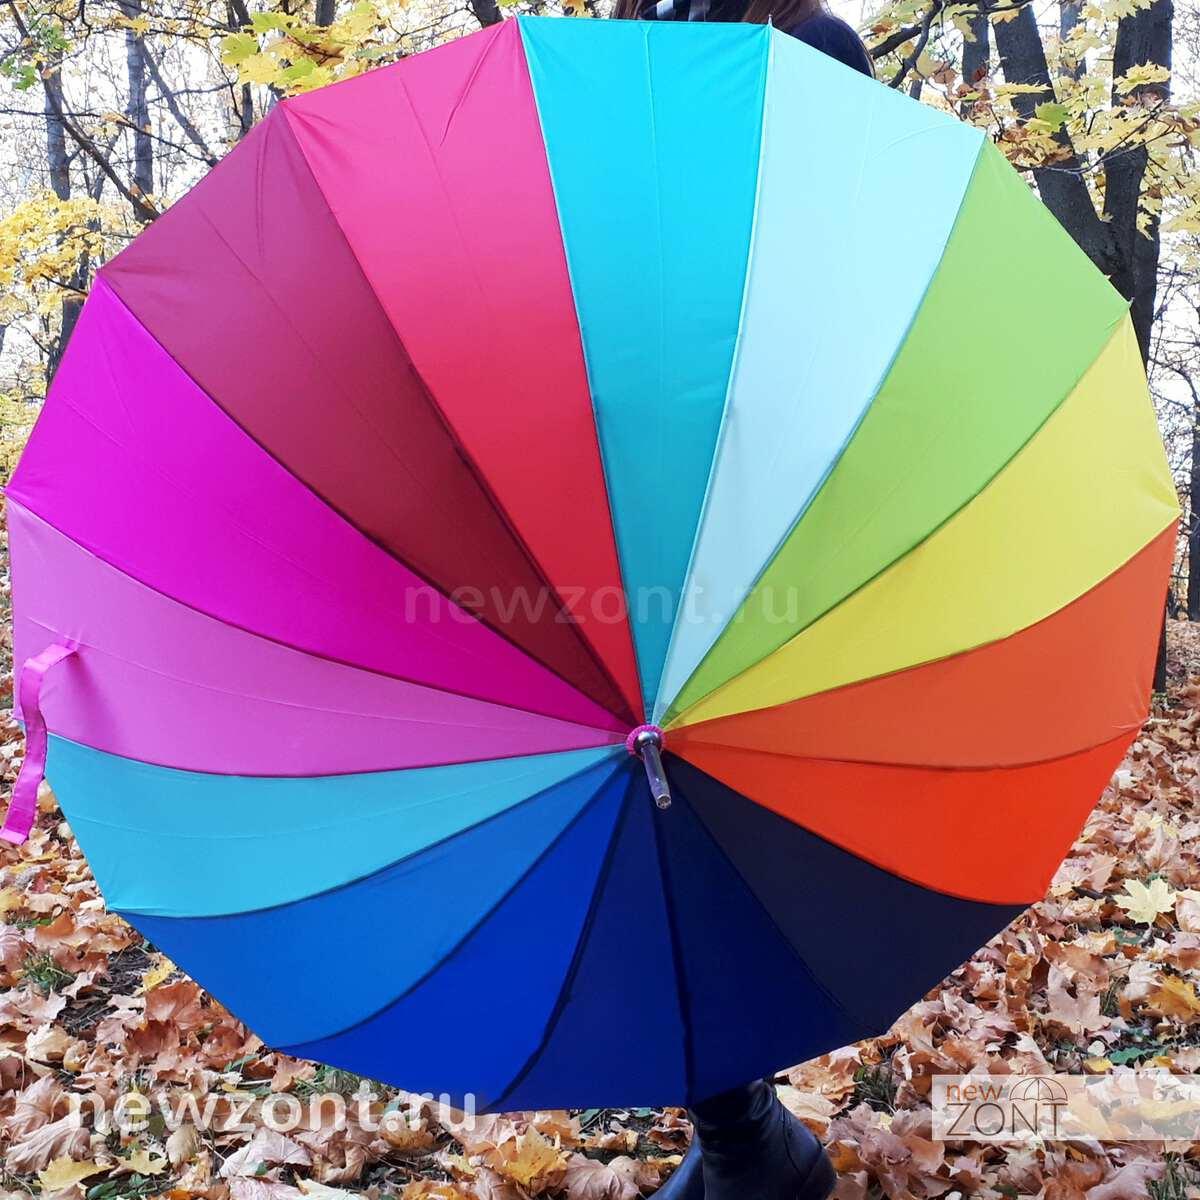 Зонтик радуга 16 цветов в парке